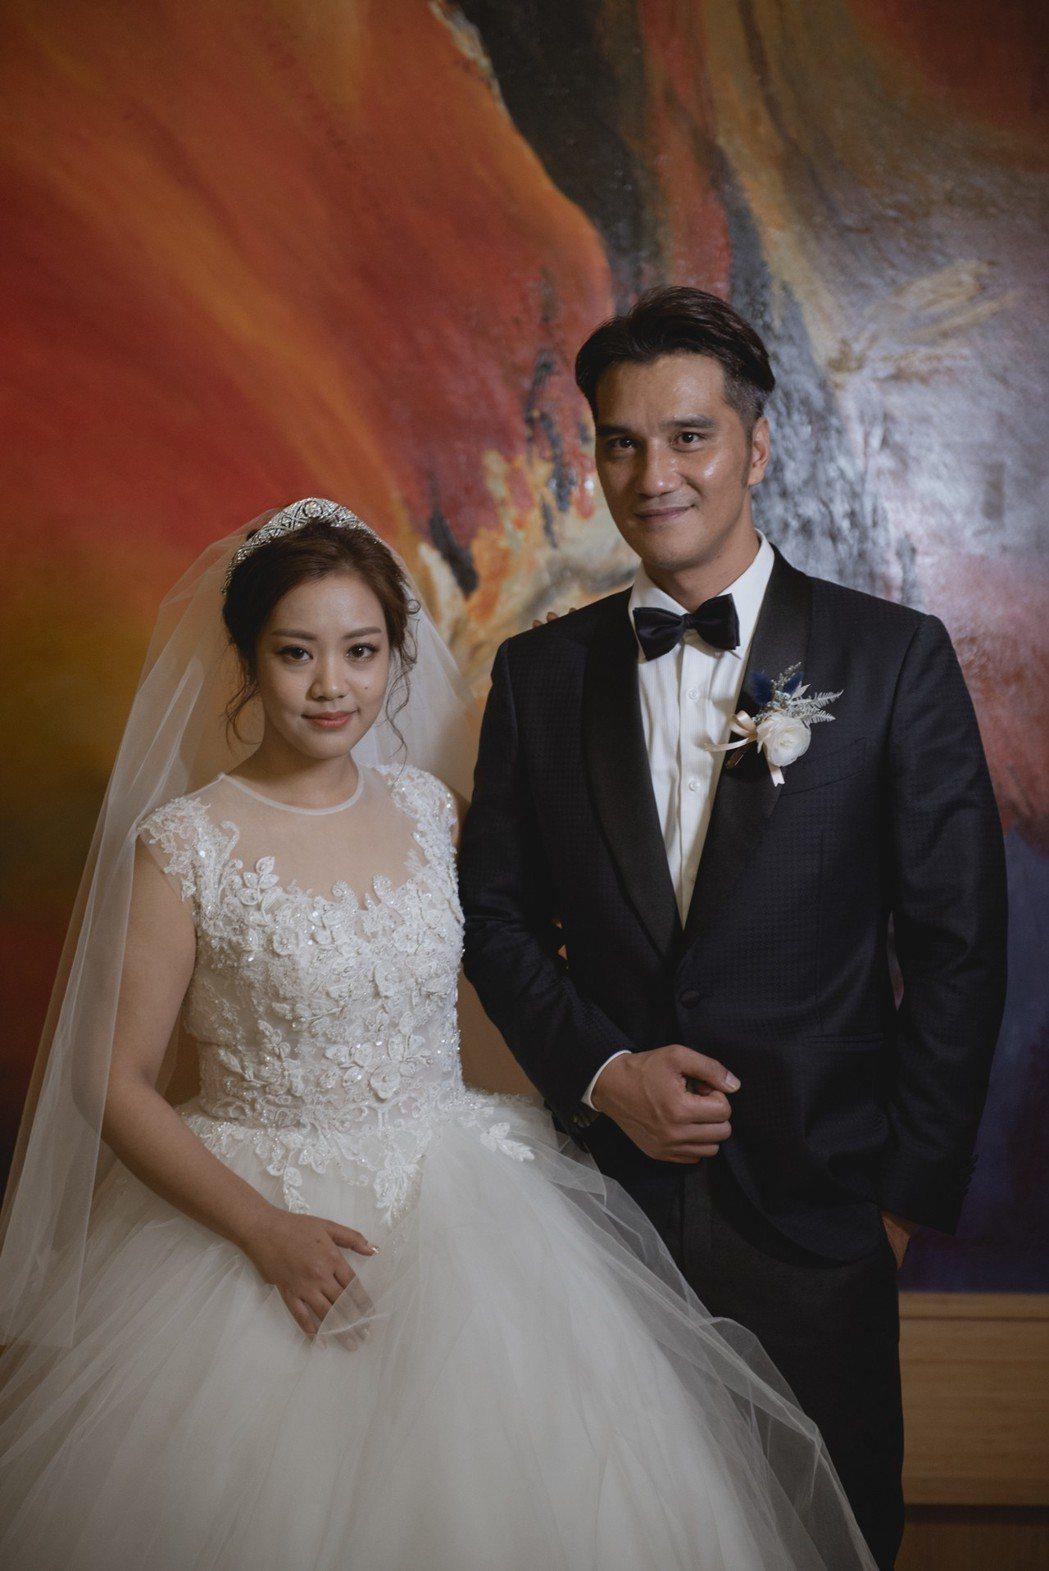 馬志翔和妻子盧悅婷婚禮穿上西式婚紗。圖/喜喜鵲影像工作室提供